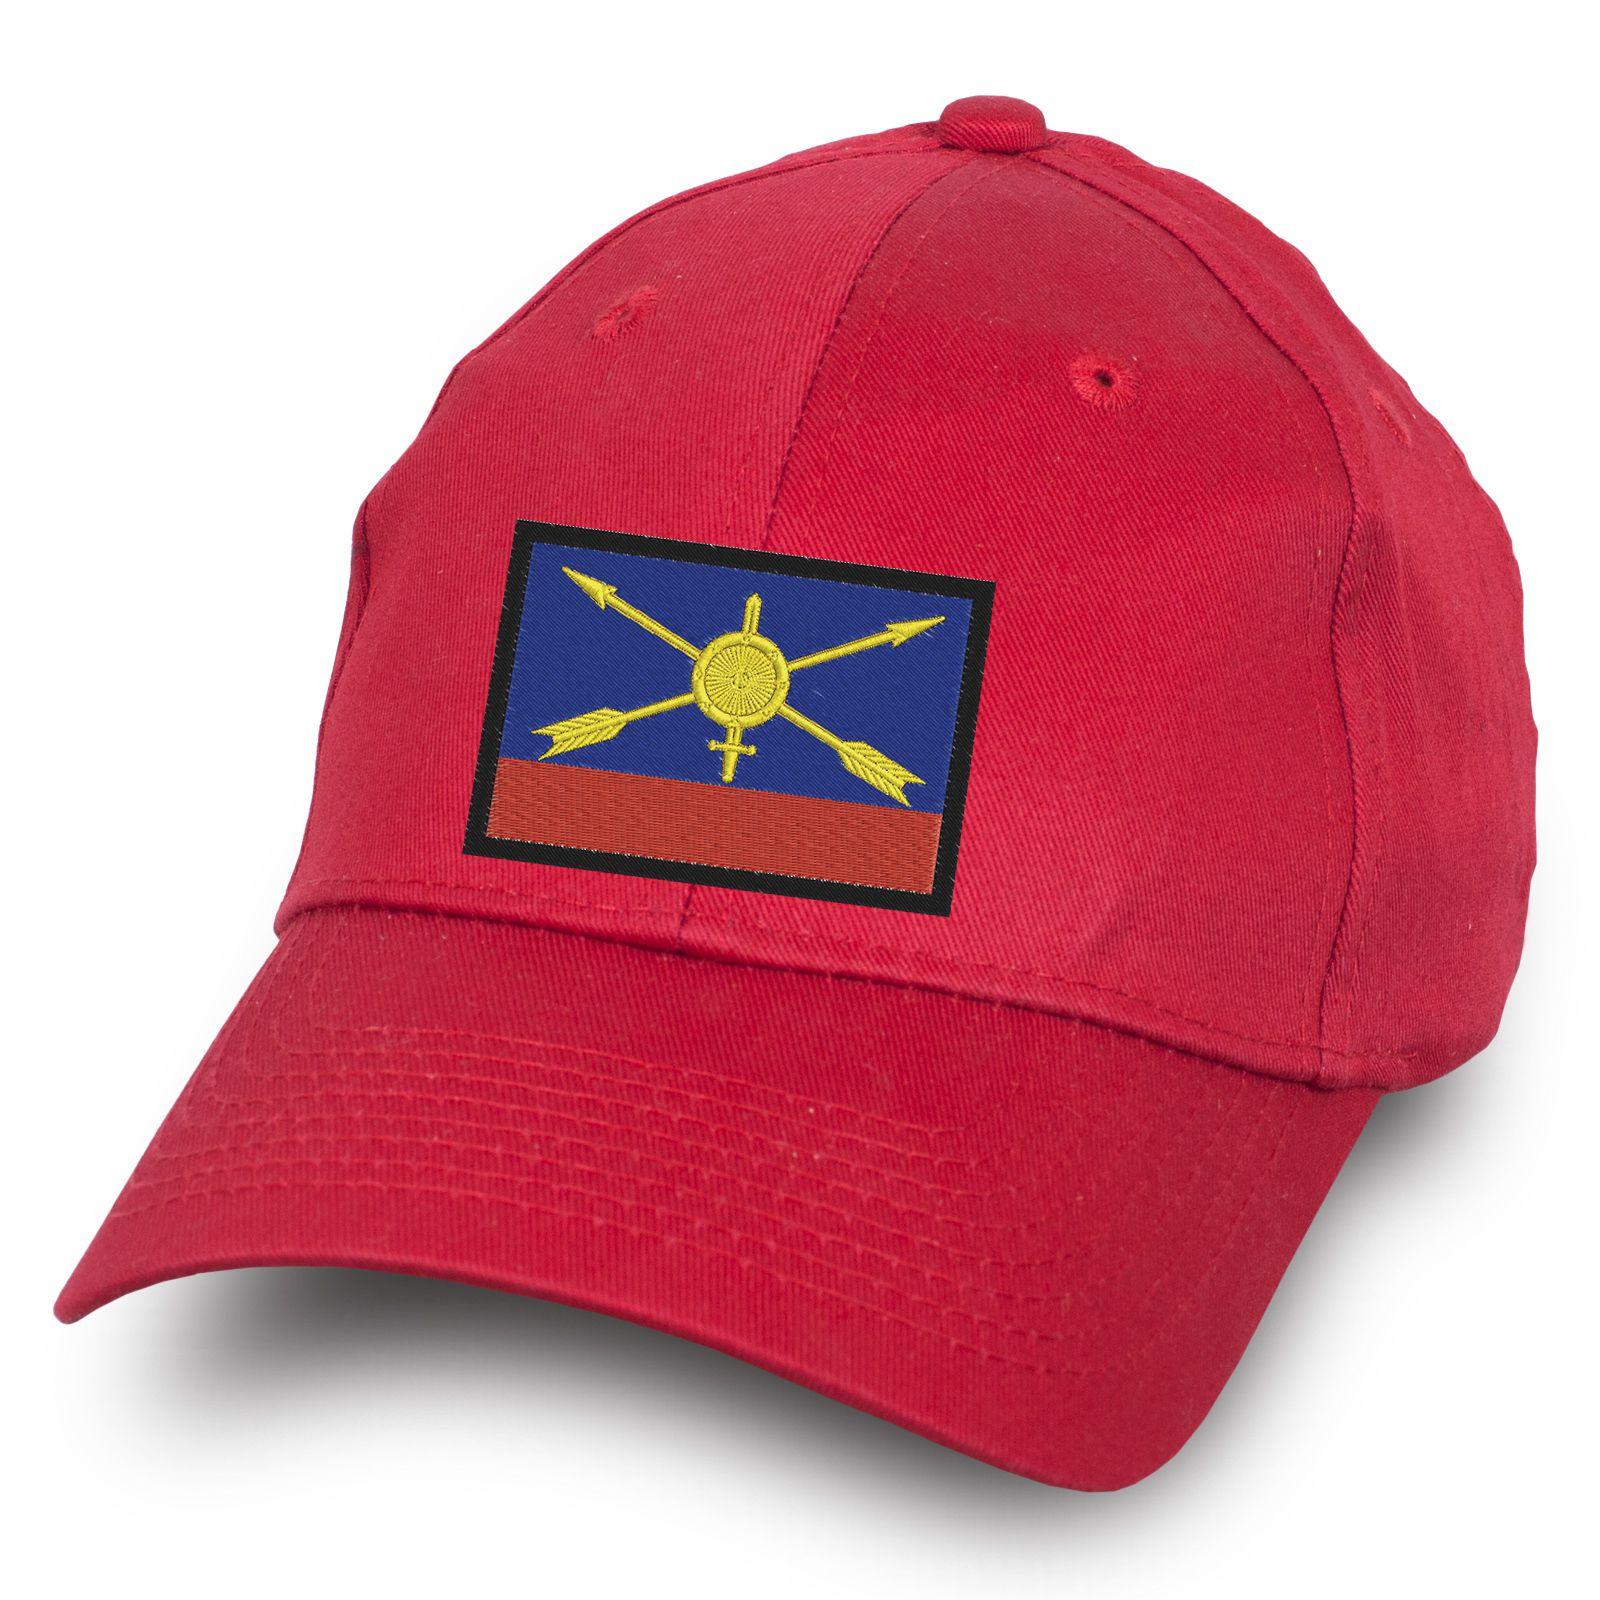 Красная бейсболка РВСН - купить недорого